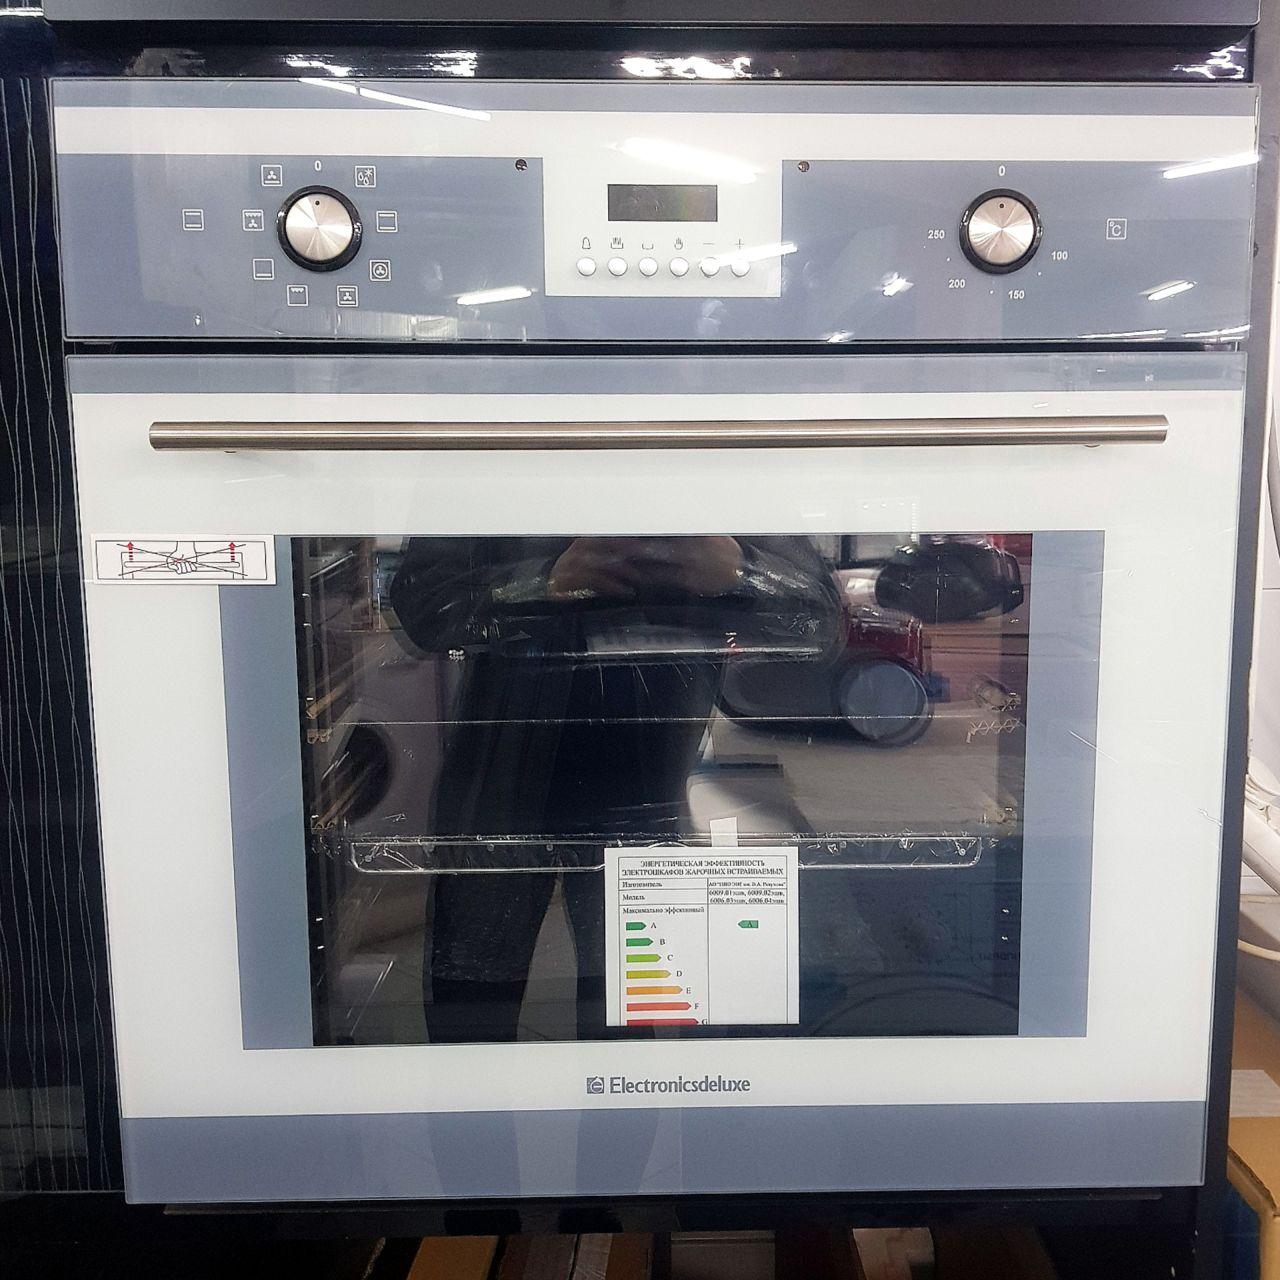 Духовой шкаф Electronicsdeluxe объемом 58 литров